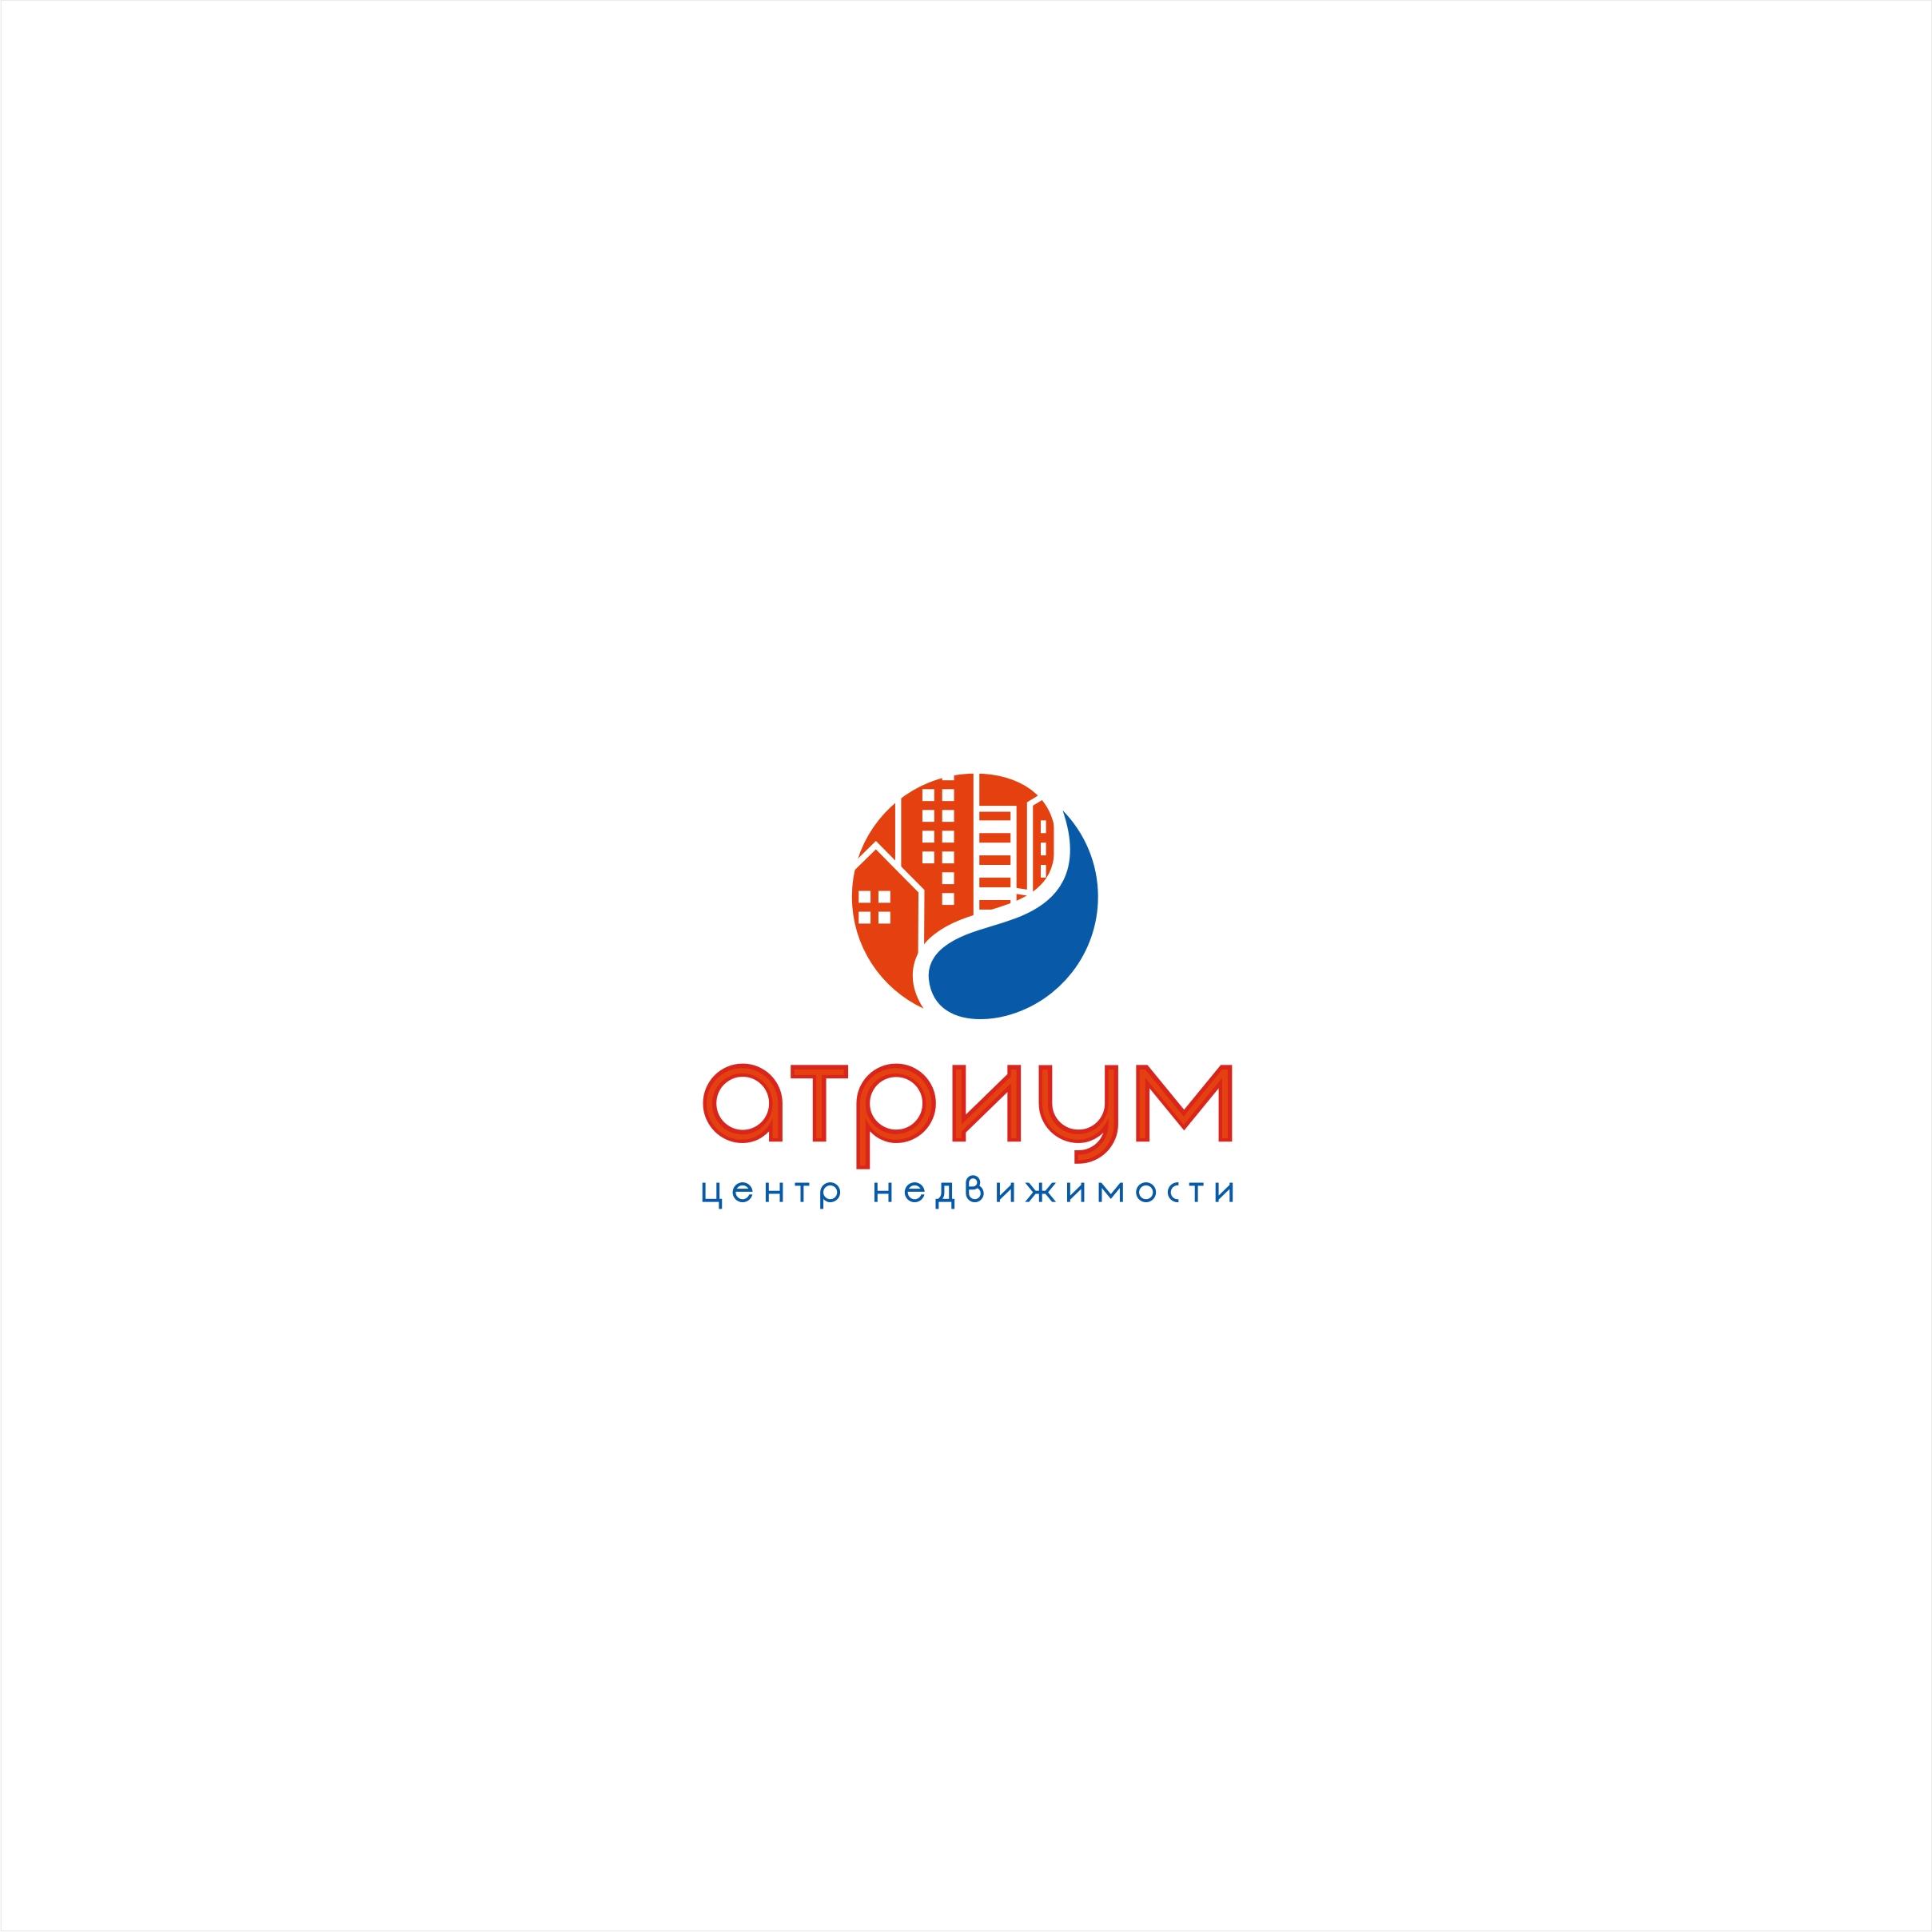 Редизайн / модернизация логотипа Центра недвижимости фото f_2915bc8511a60af7.jpg